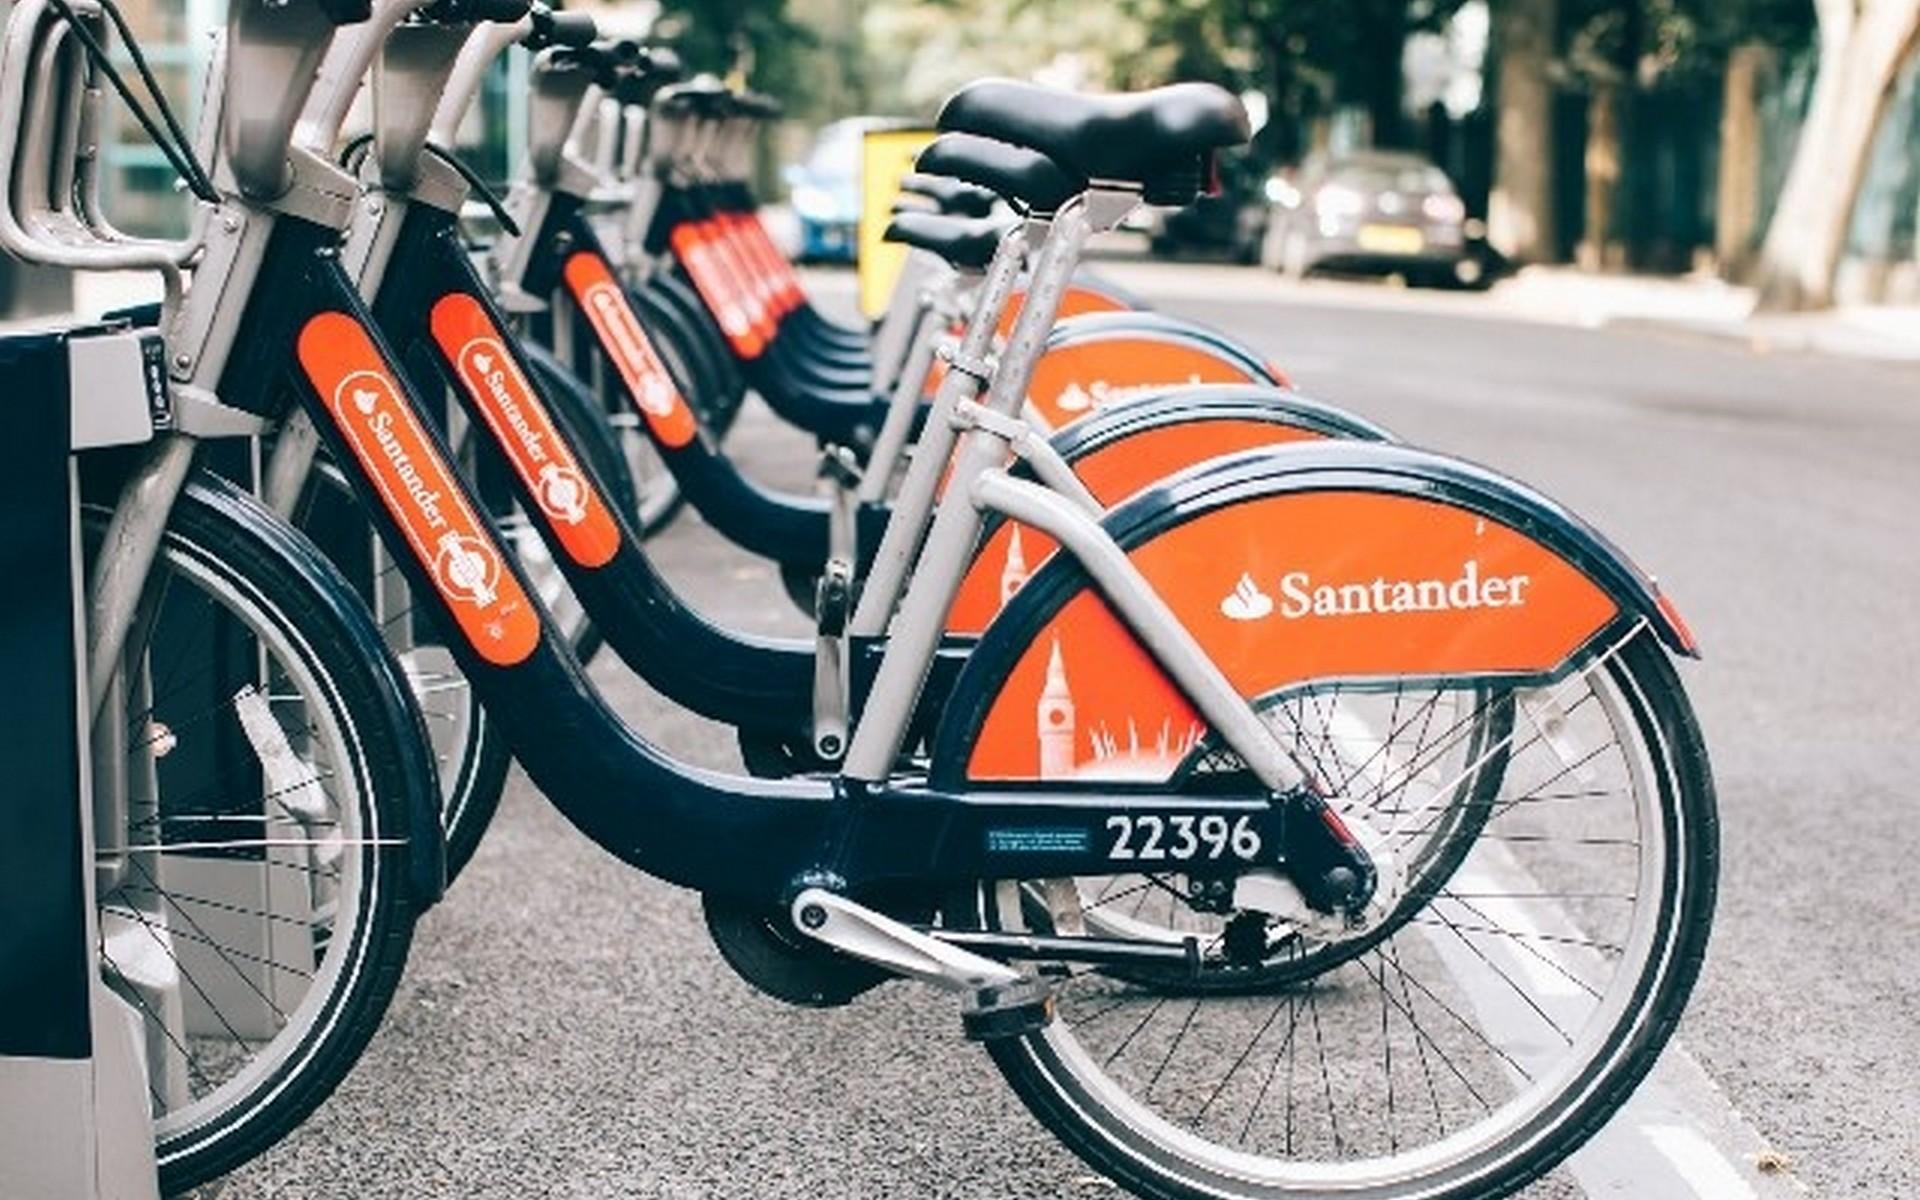 Santander Cycle Hire London